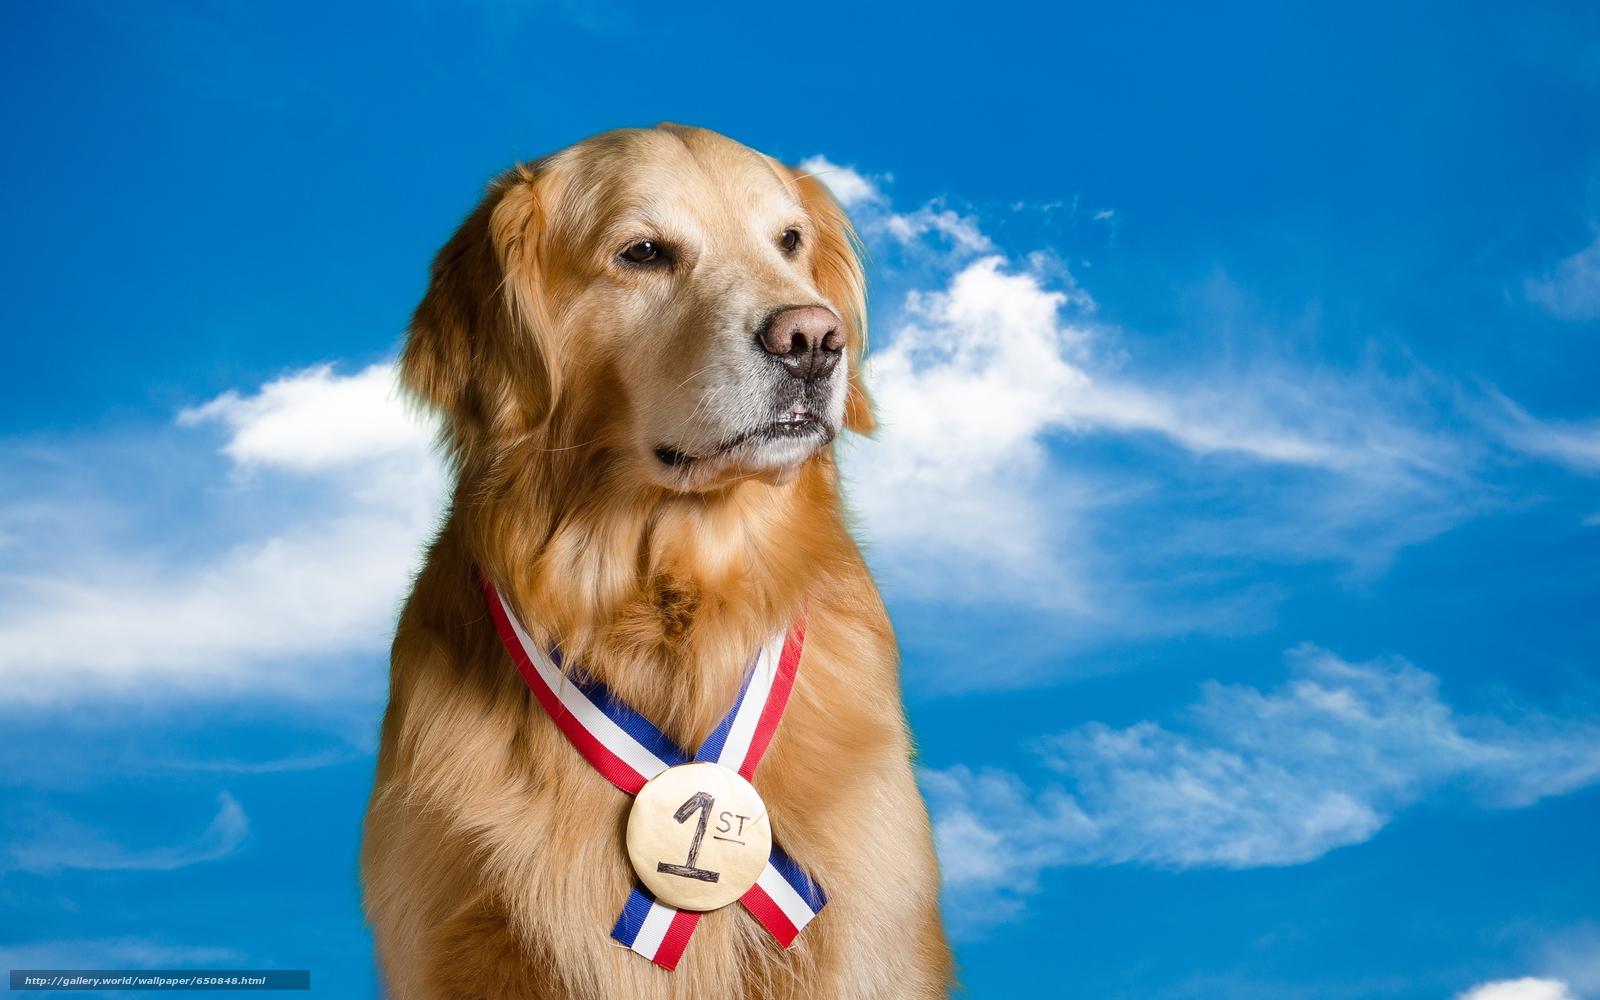 Скачать обои Лабрадор,  красивая собака,  собаки,  прикольная собака бесплатно для рабочего стола в разрешении 4928x3080 — картинка №650848